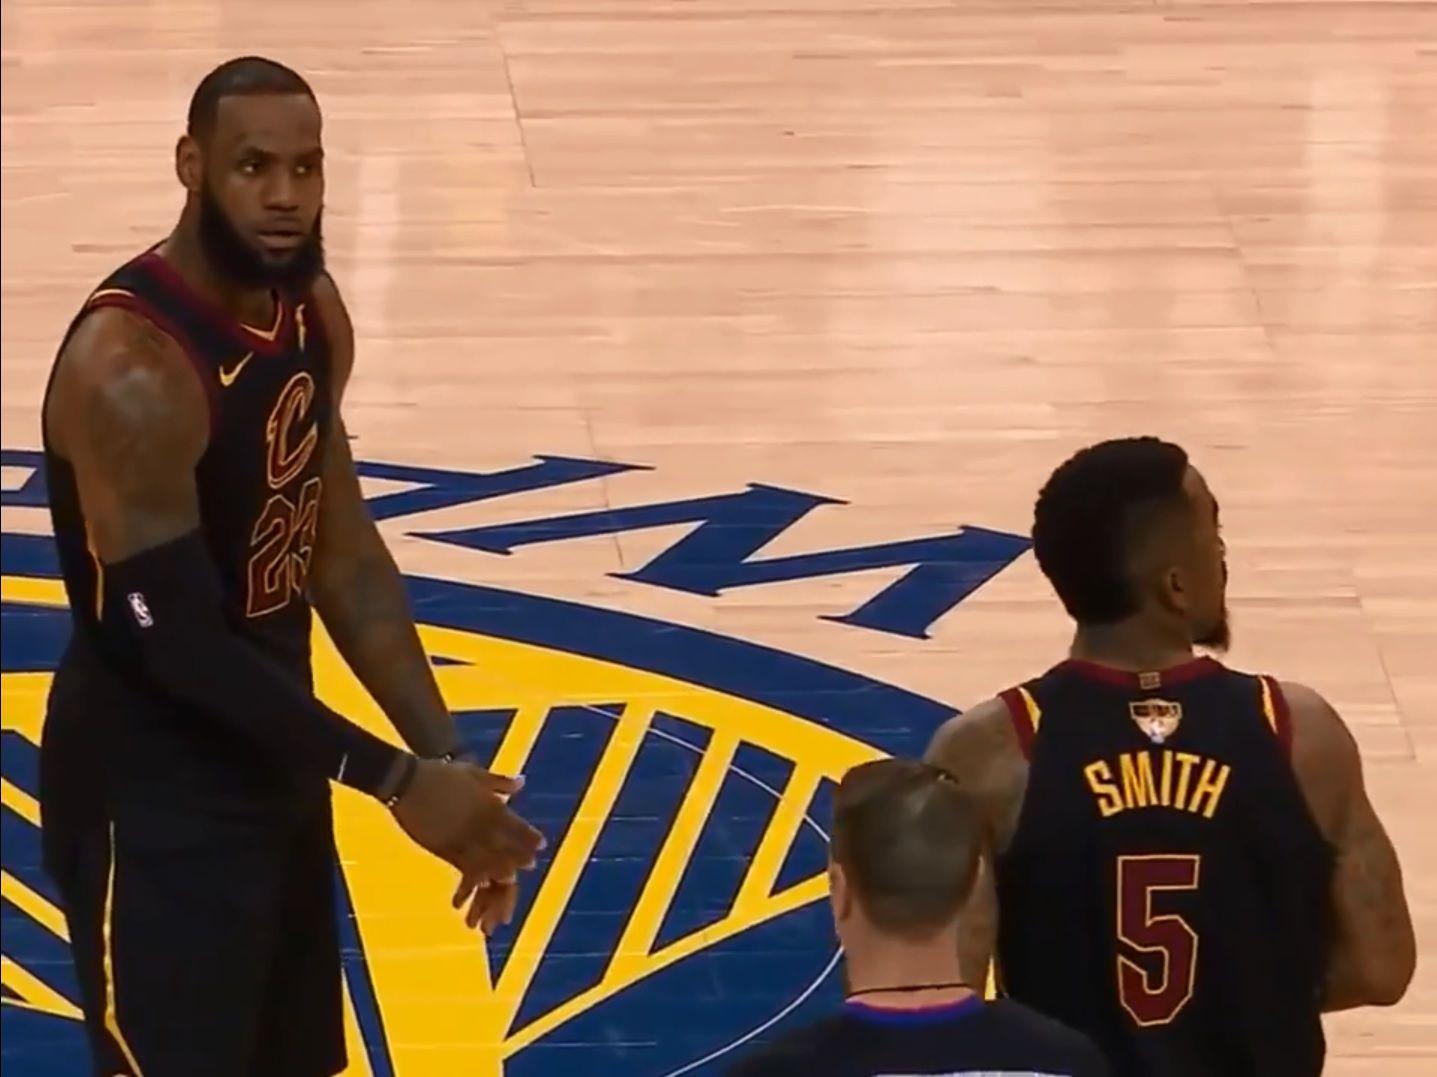 VIDEO: El increíble error de Jr. Smith y la reacción de Lebron en la final de la NBA